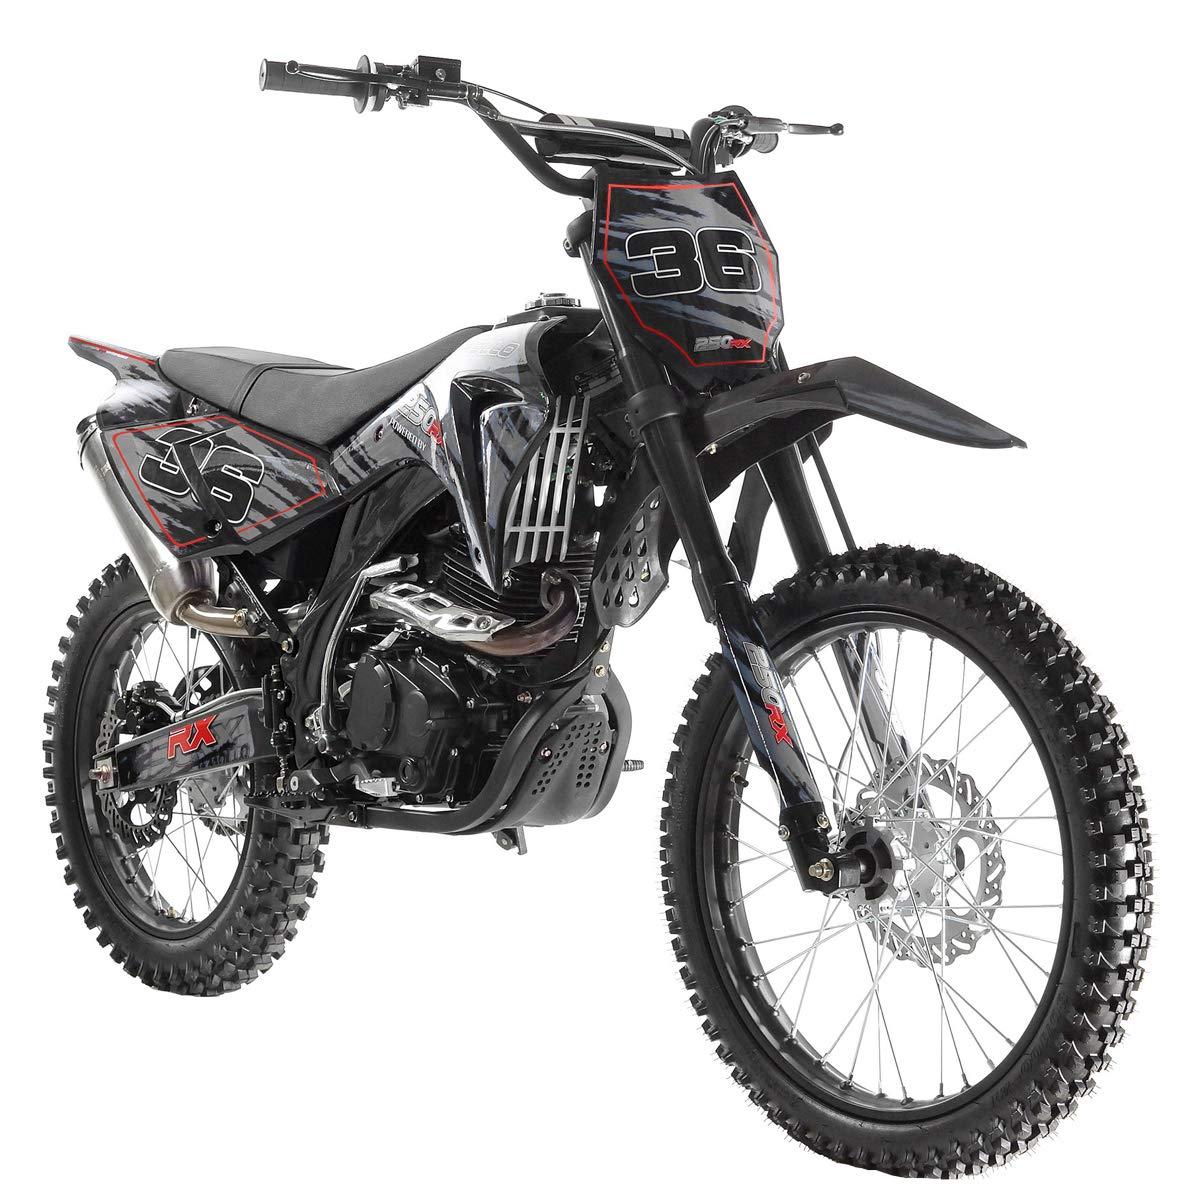 X-Pro 250cc Dirt Bike Pit Bike Gas Dirt Bikes Adult Dirt Pitbike 250cc Gas Dirt Pit Bike